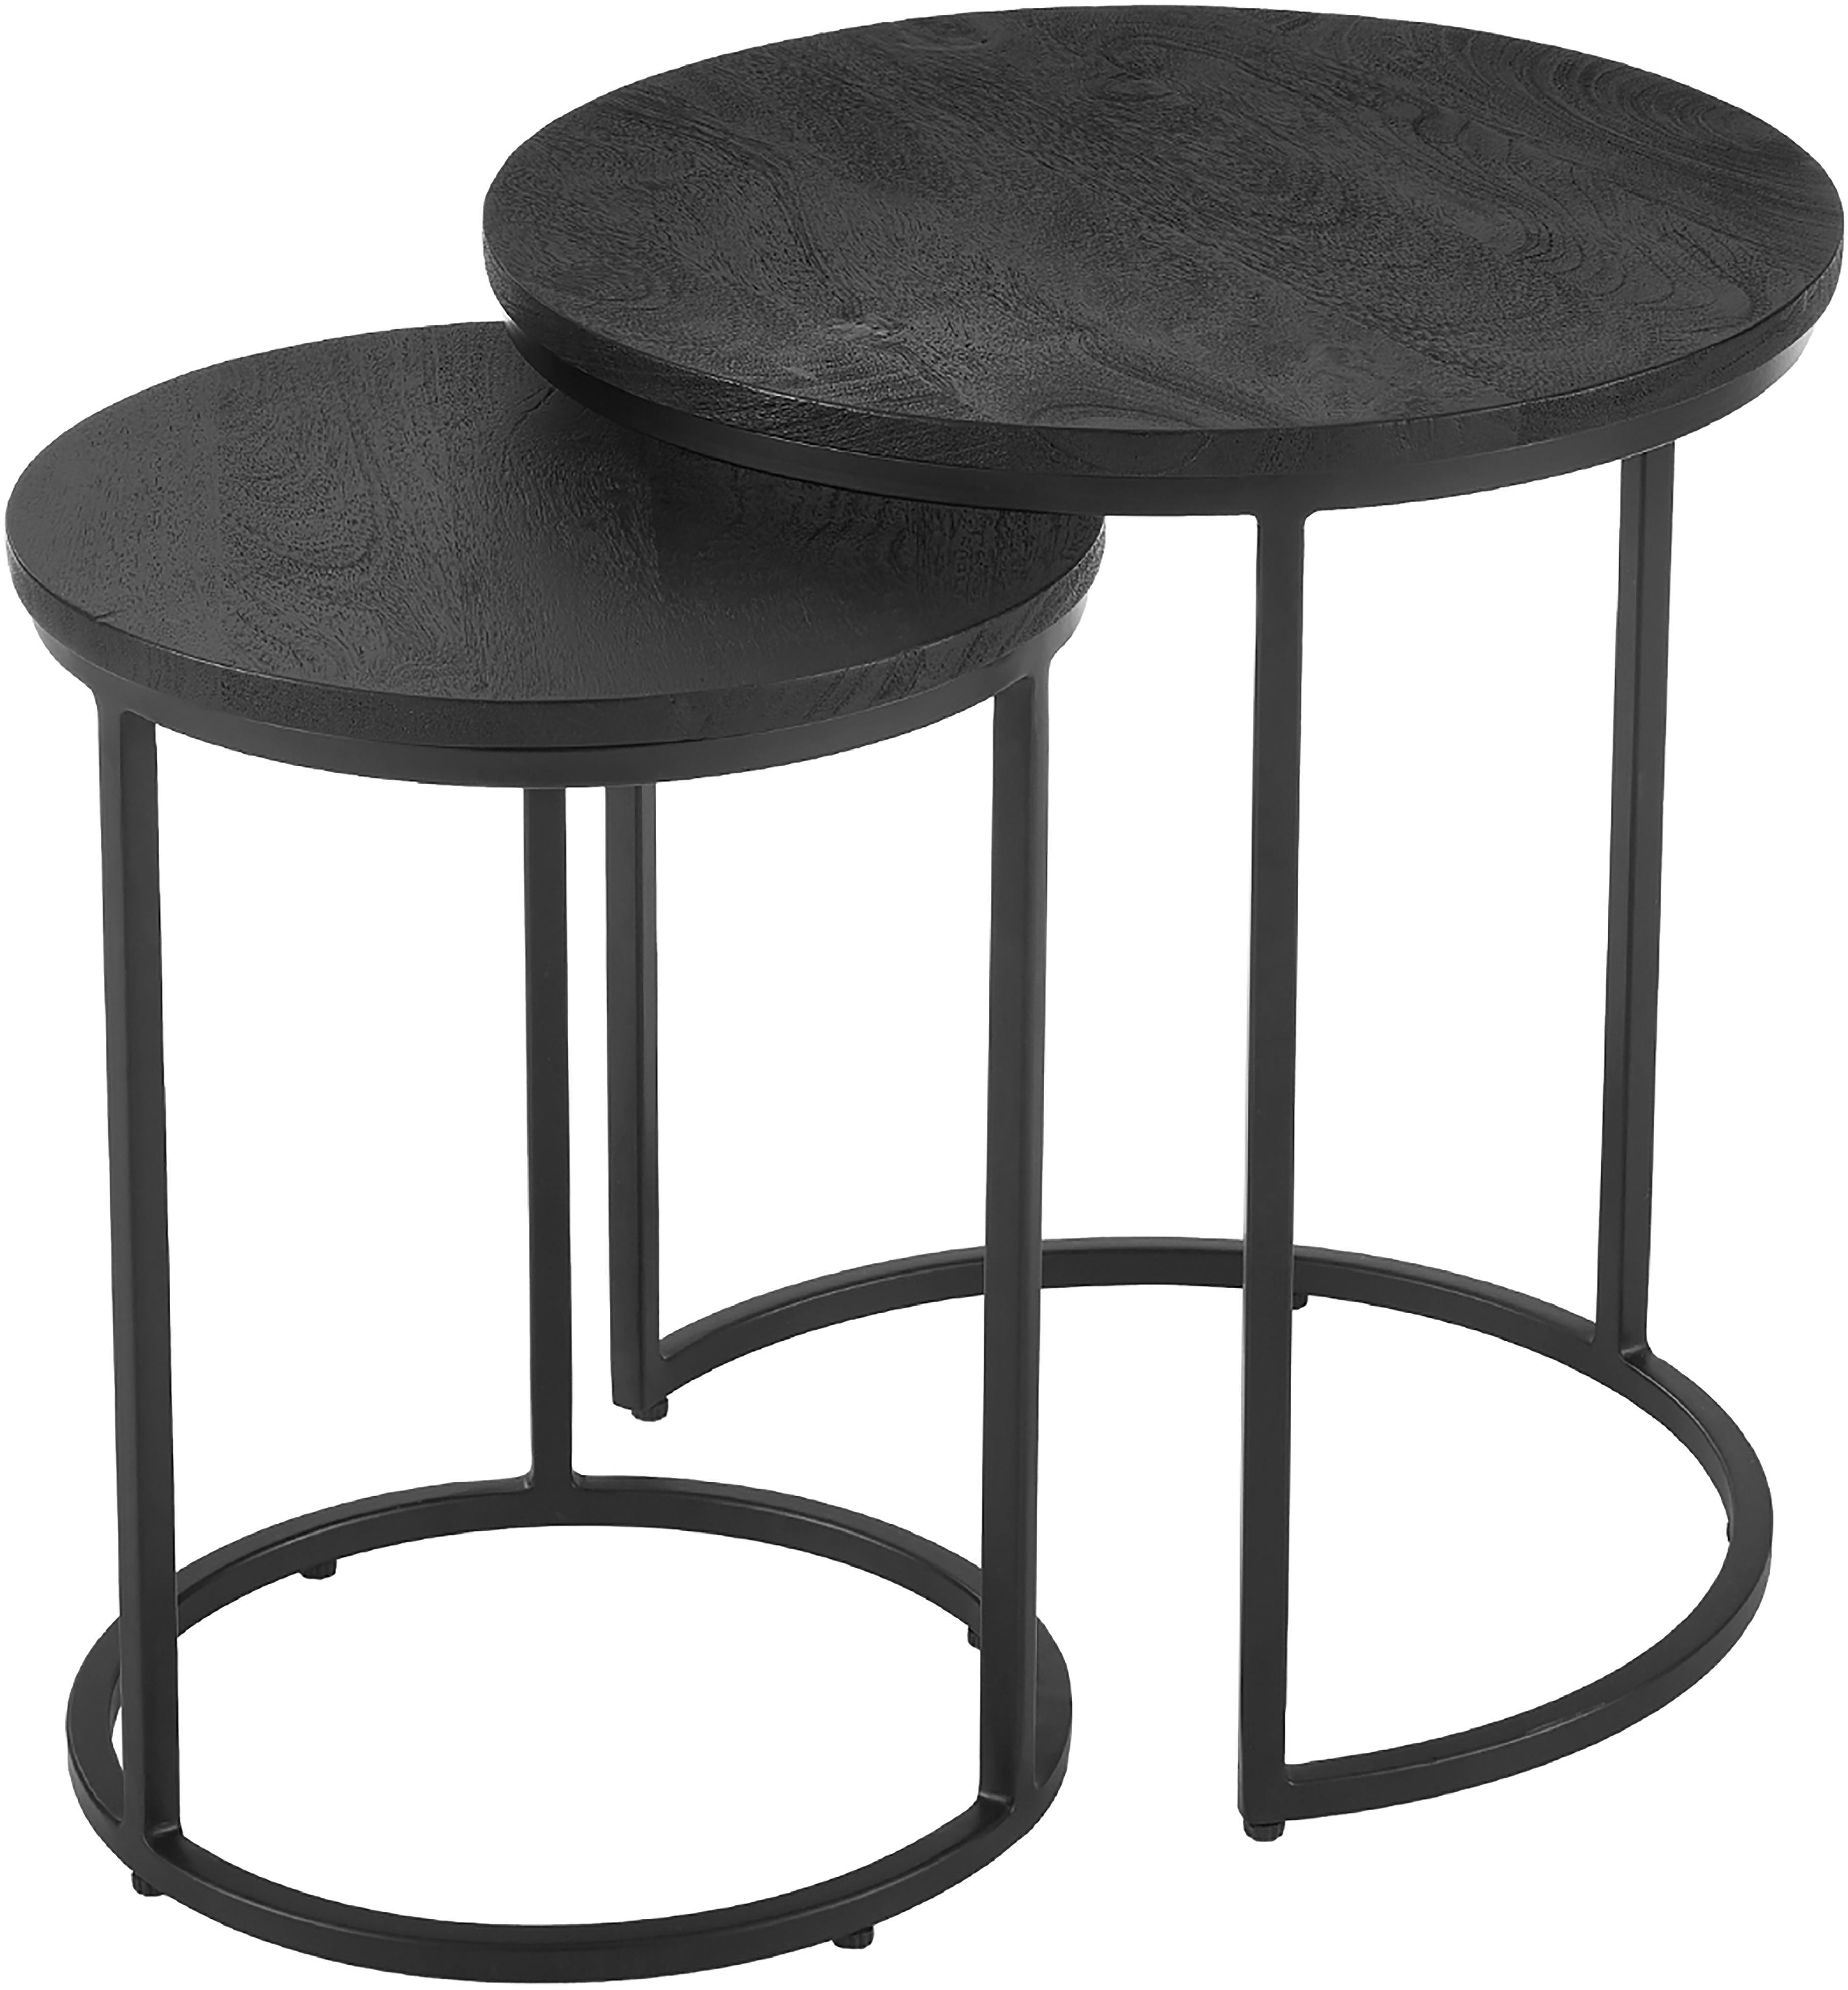 Set 2 tavolini rotondi neri Andrew, Struttura: metallo verniciato a polv, Ripiani: legno di mango, nero verniciato Struttura: nero opaco, Set in varie misure